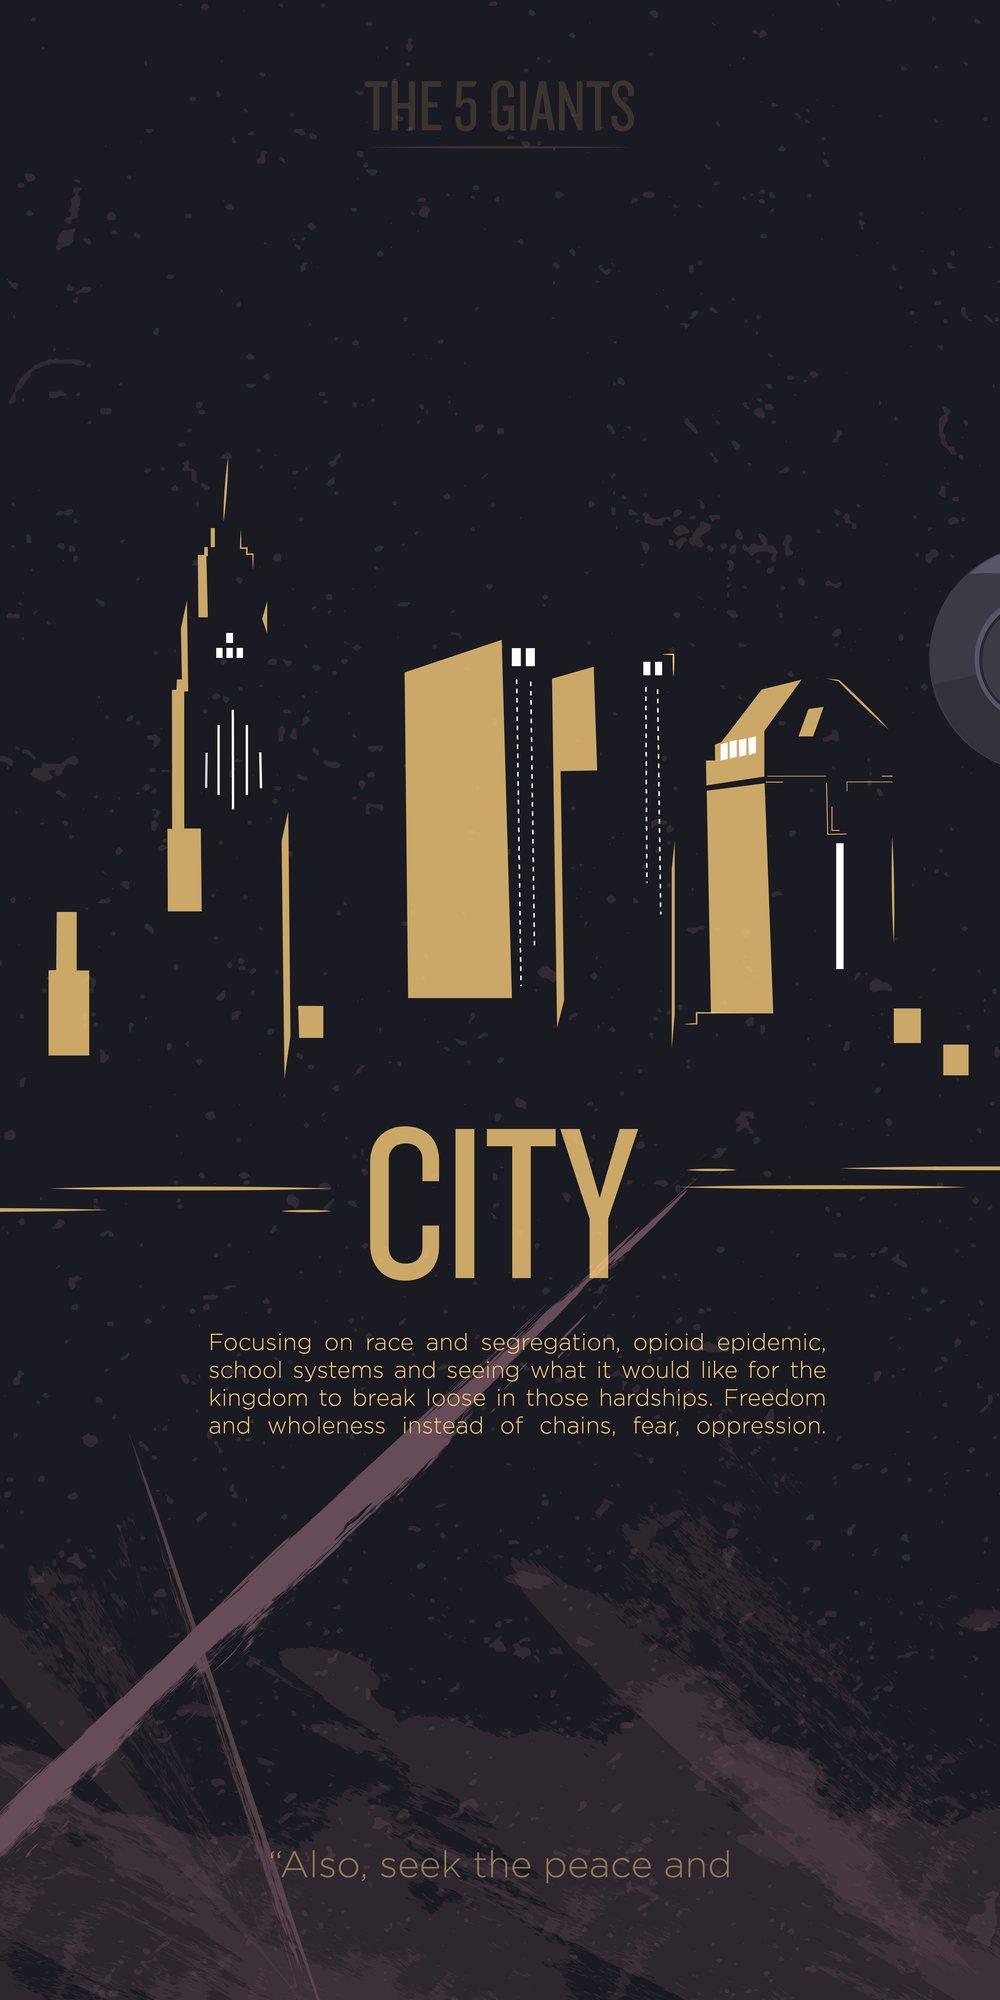 CityGiant.jpg